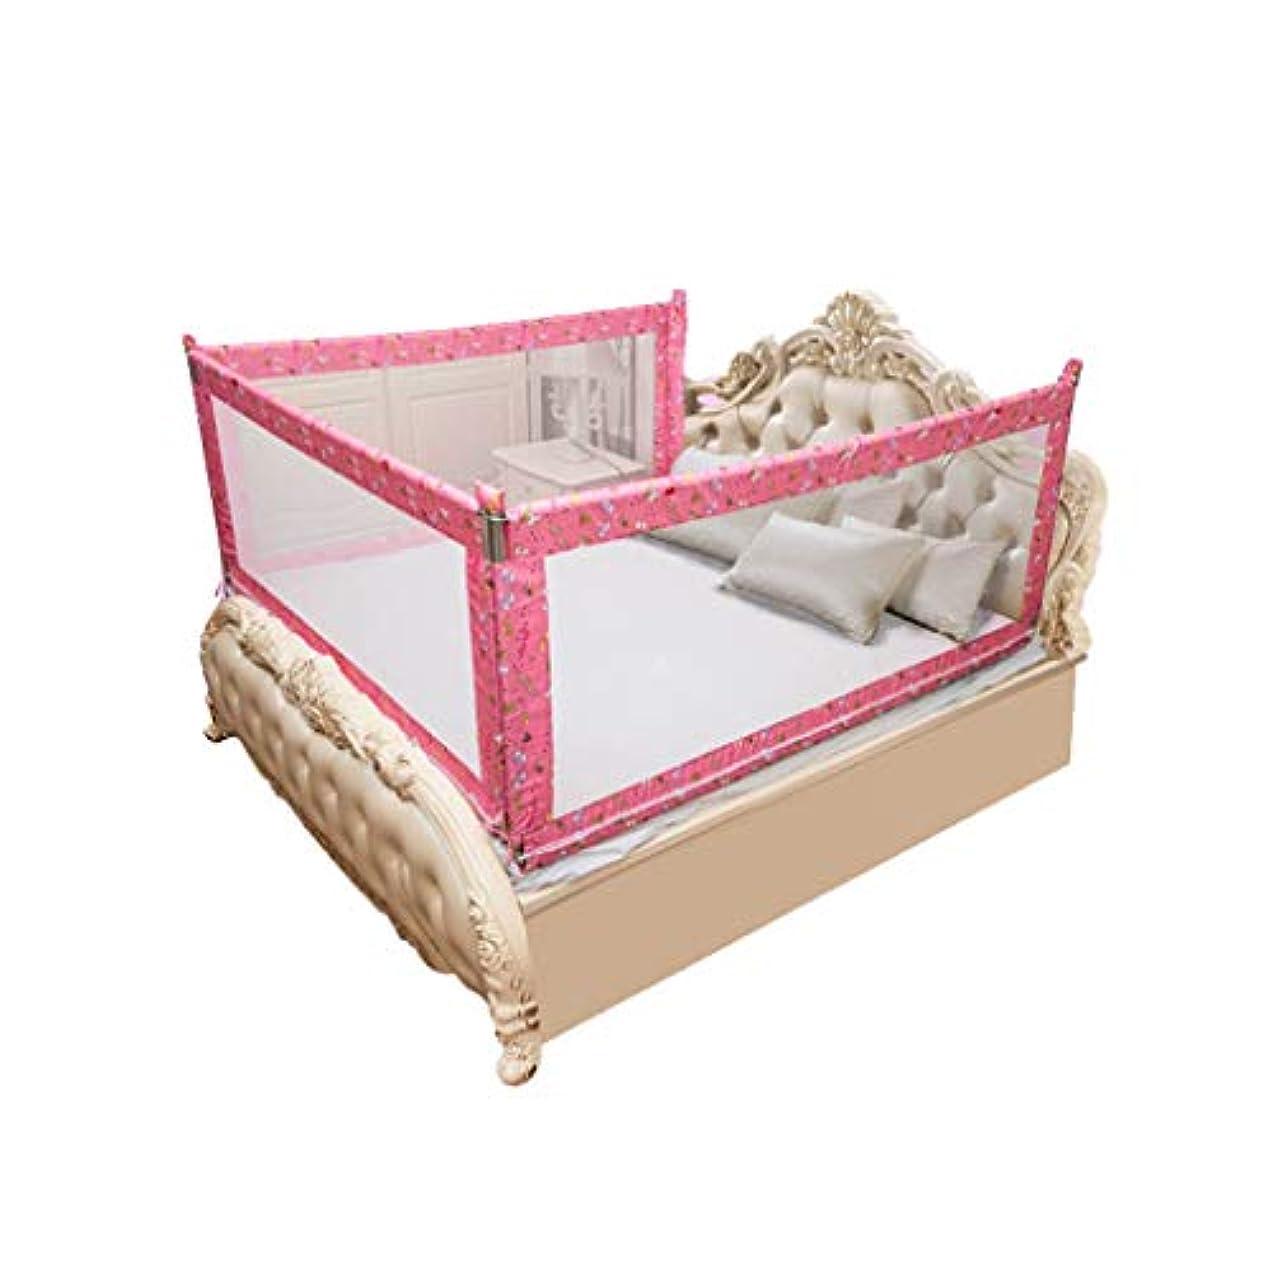 素晴らしい罪人りKJZhu マルチファンクションフェンス、子供部屋ベッドのクロール防止秋のガードレール屋内の通気可能なゲームフェンスベッドの手すり、1.5-2M 折りたたみ可能 (色 : ピンク, サイズ さいず : 150*200CM)